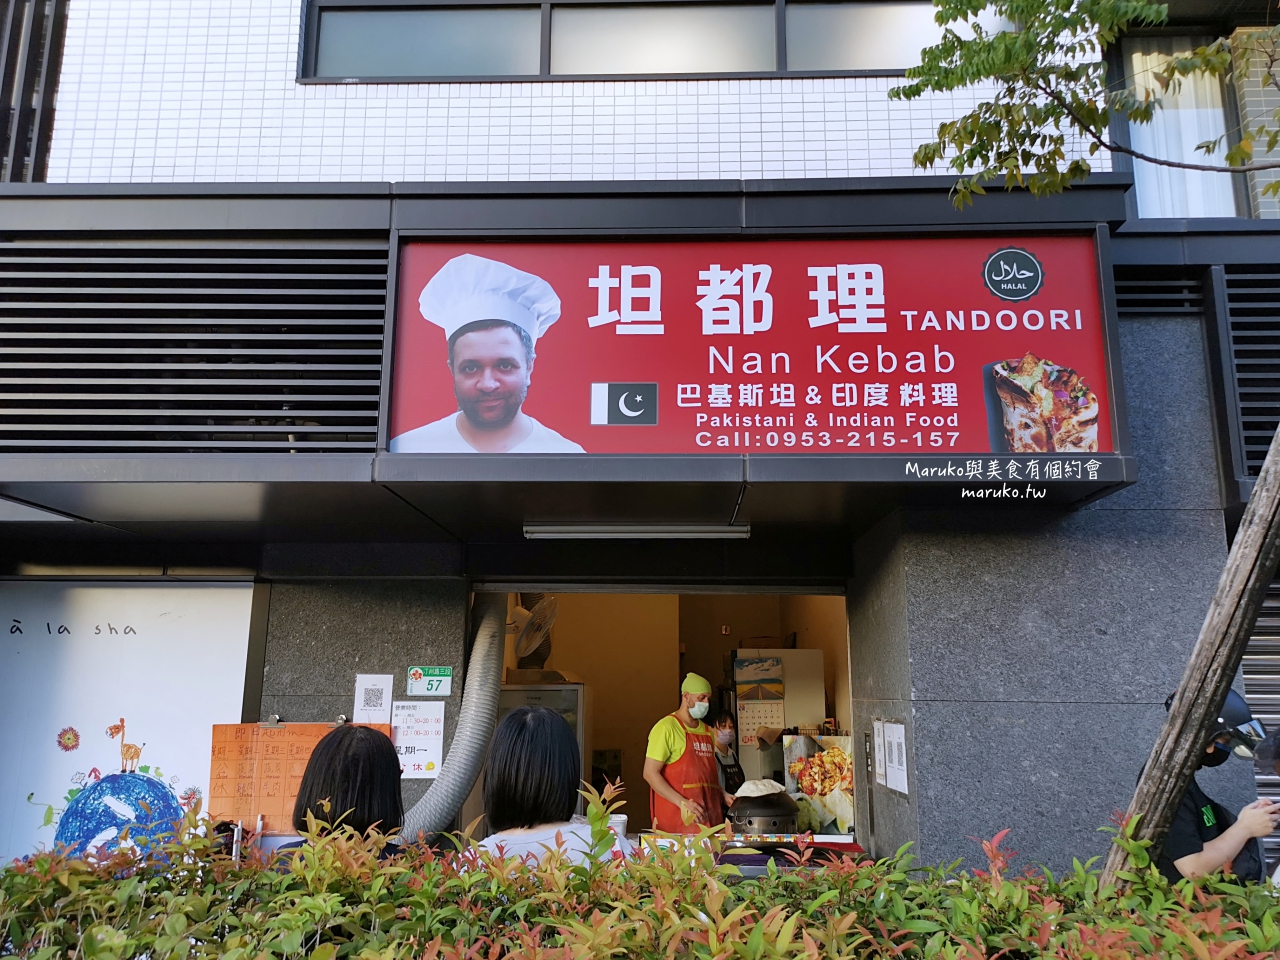 台北 公館坦都理 現擀烤餅 餡料實在分量大 推假日限定BBQ烤肉 @Maruko與美食有個約會